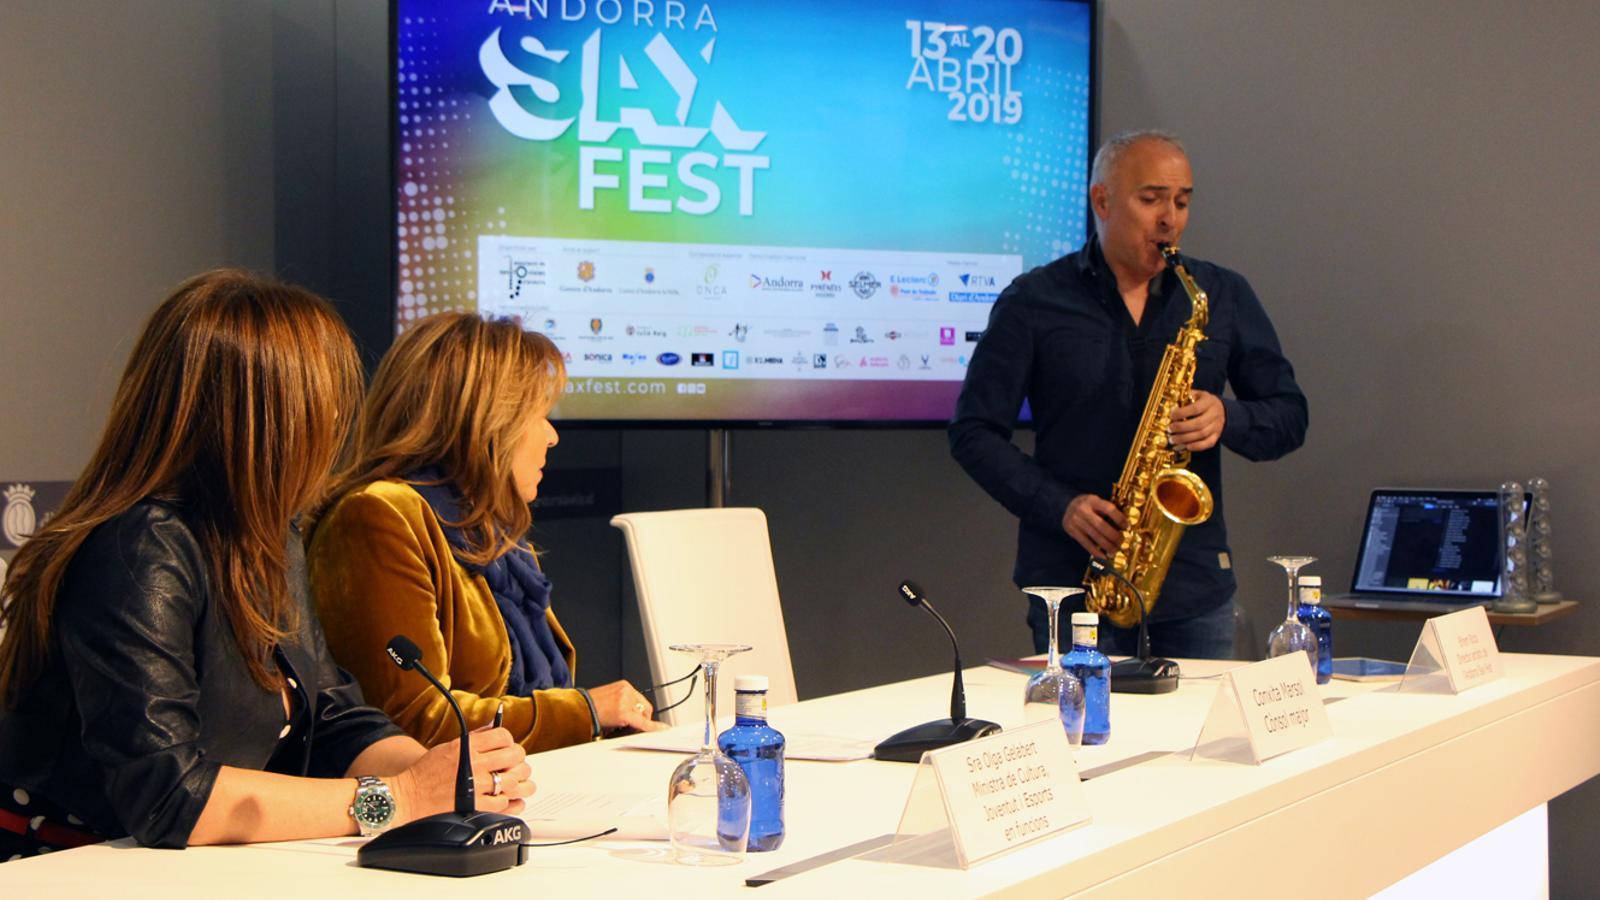 El director artístic de l'Andorra Sax Fest, Efrem Roca, ha interpretat una peça musical abans de començar la roda de premsa. / M. P. (ANA)